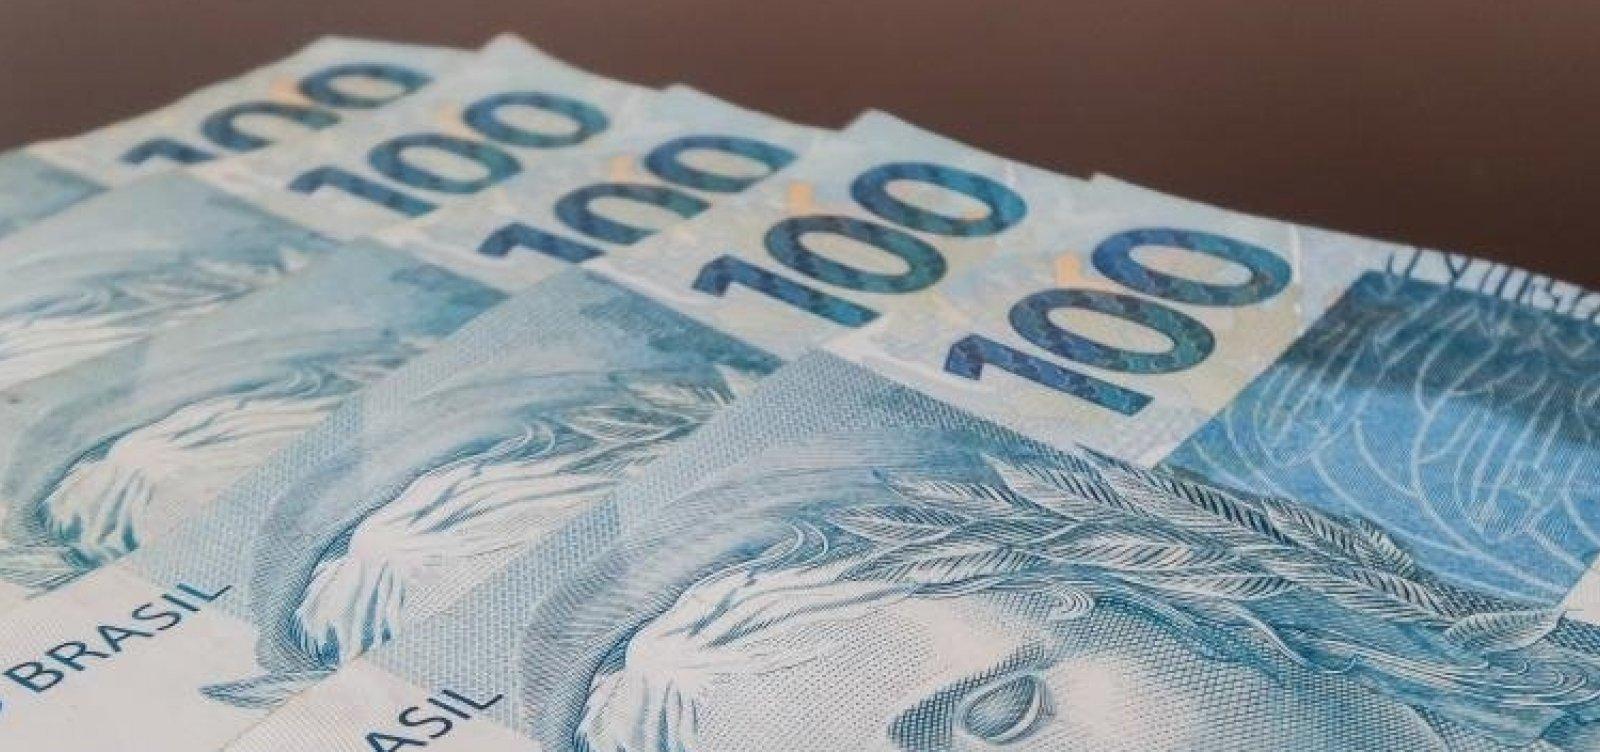 Governo reduz para R$ 844 bilhões previsão de rombo nas contas do públicas em 2020